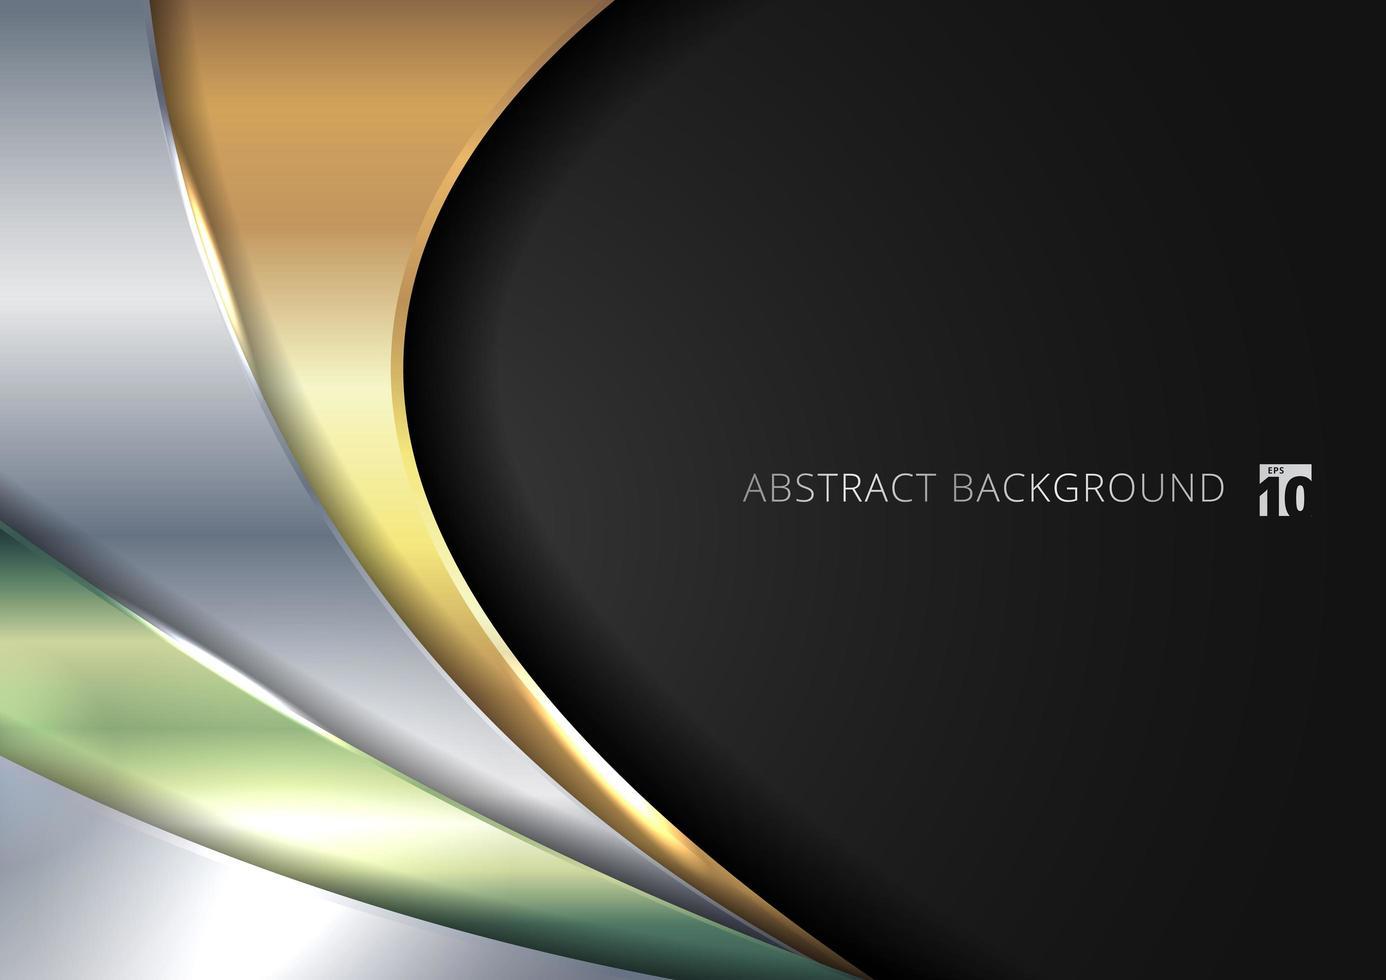 abstrakt mall glänsande gyllene, silver, grön metallisk kurva överlappande lager på svart bakgrund. vektor